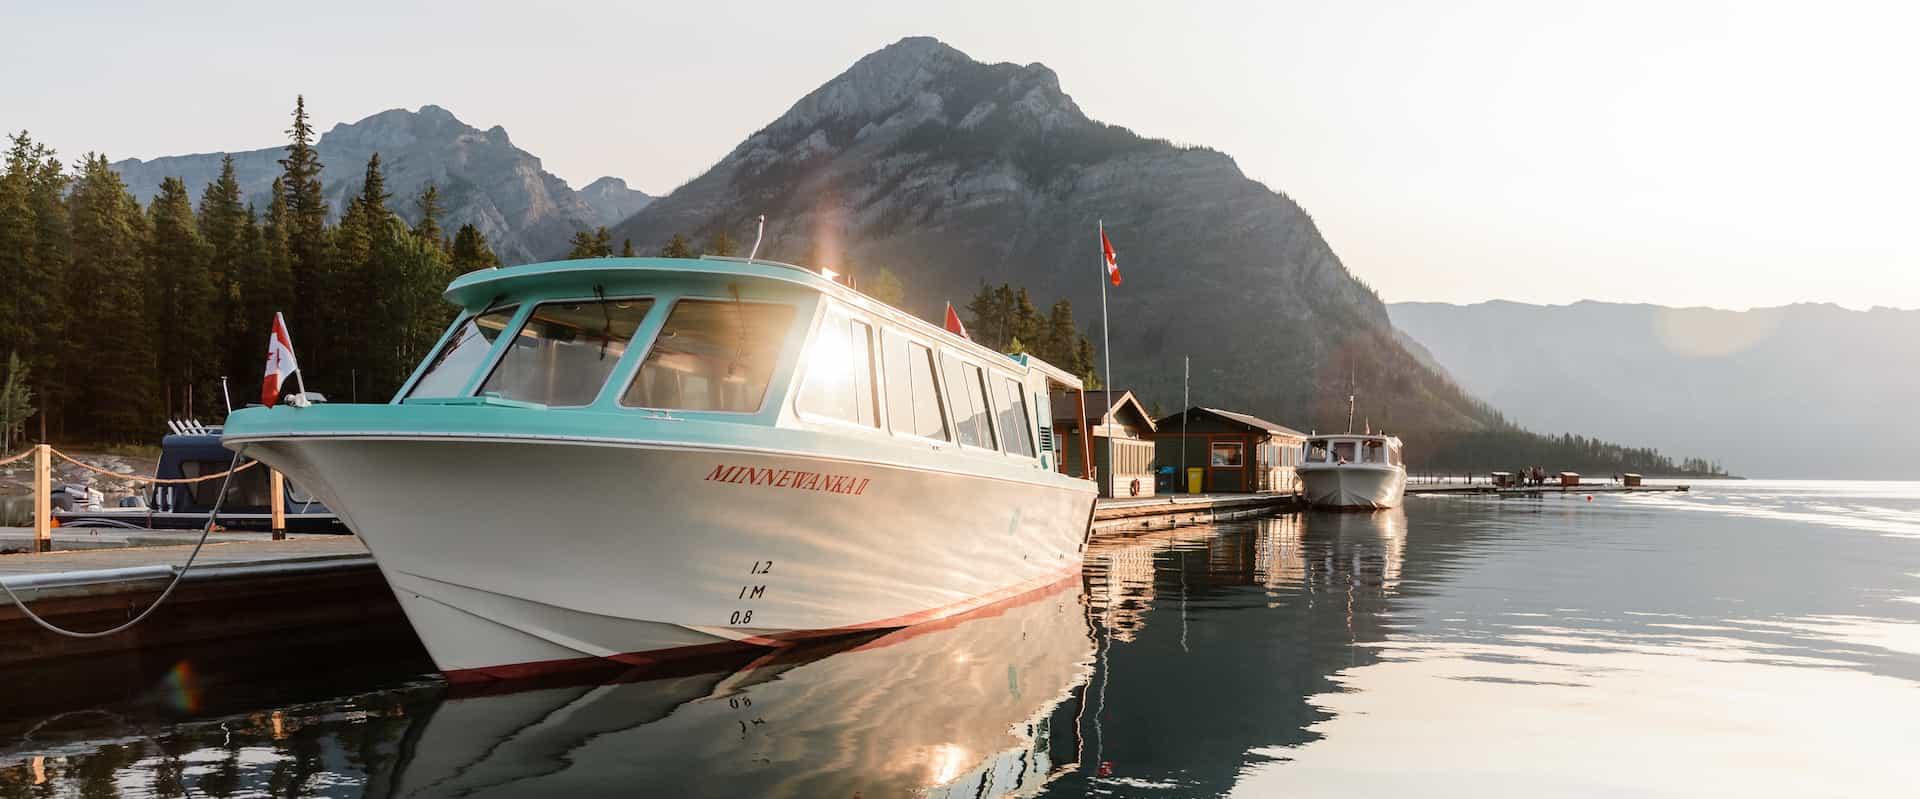 Horseback Ride + Gondola + Lake Cruise